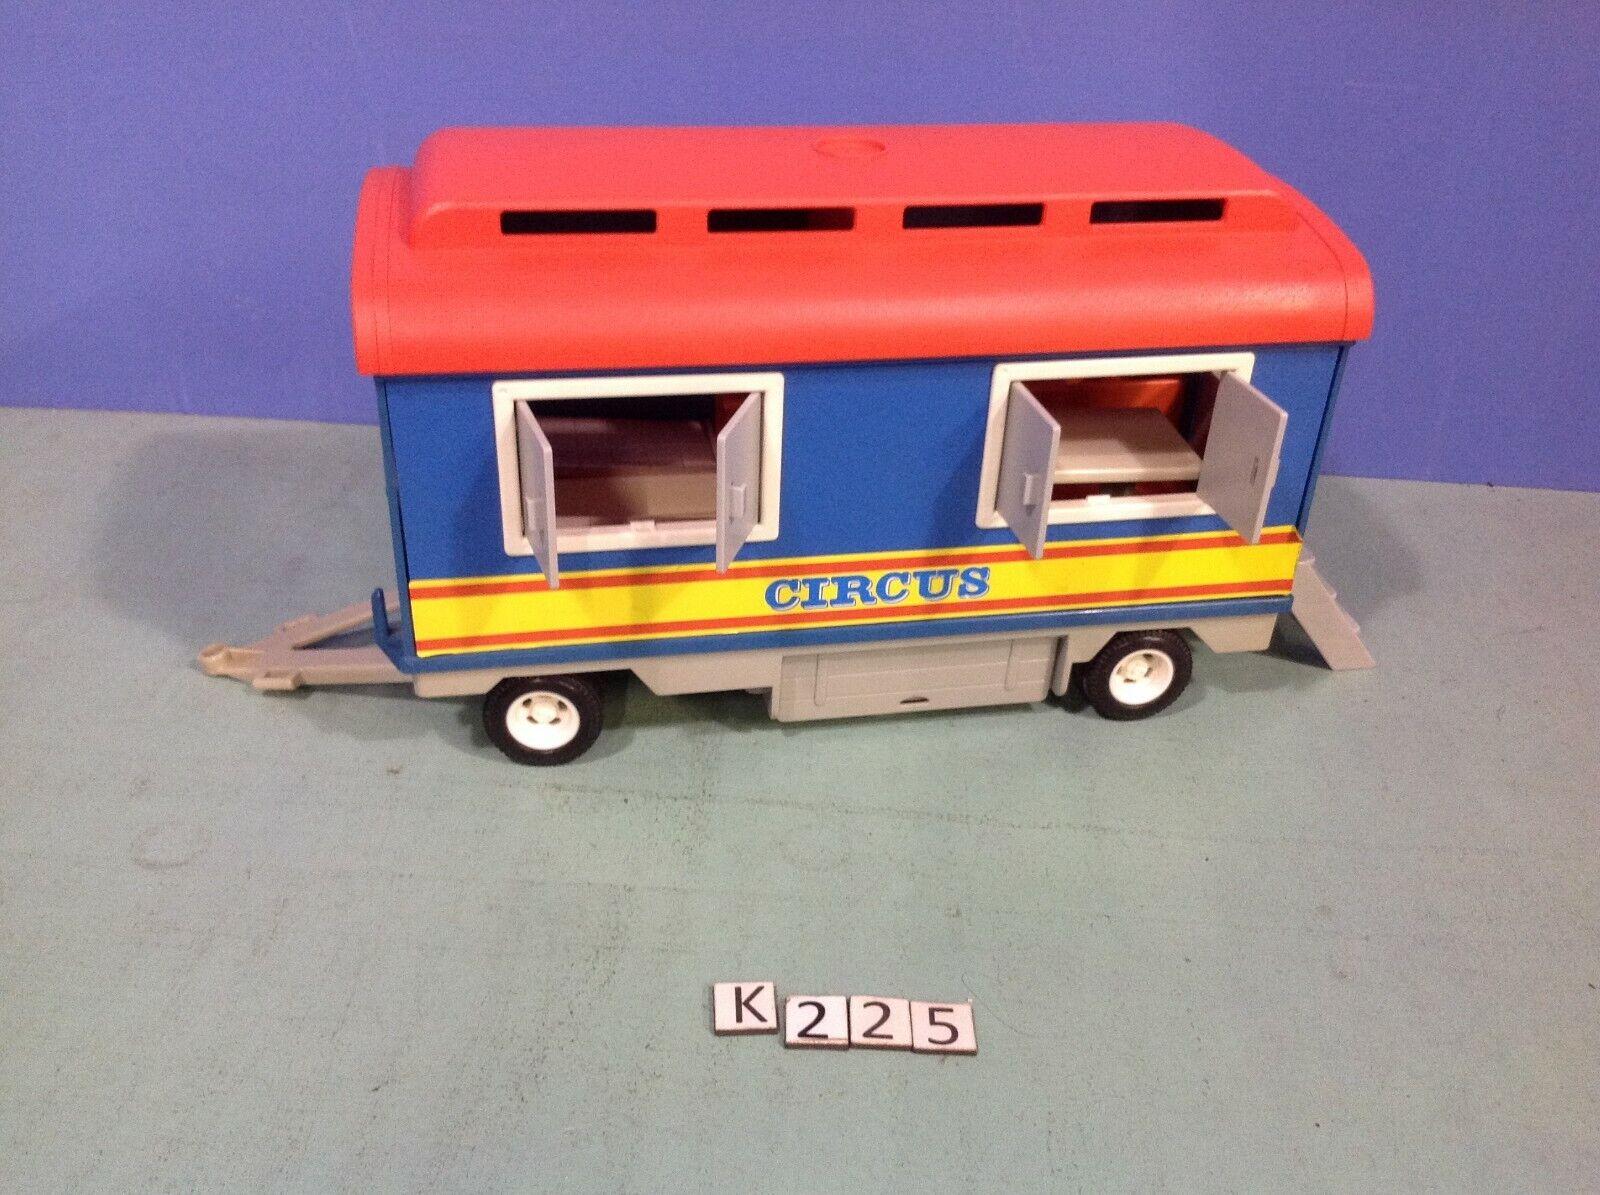 (K225)  playmobil remorque clowns cirque Circus 3477 3514 3510 3553 3720 4230  gli ultimi modelli